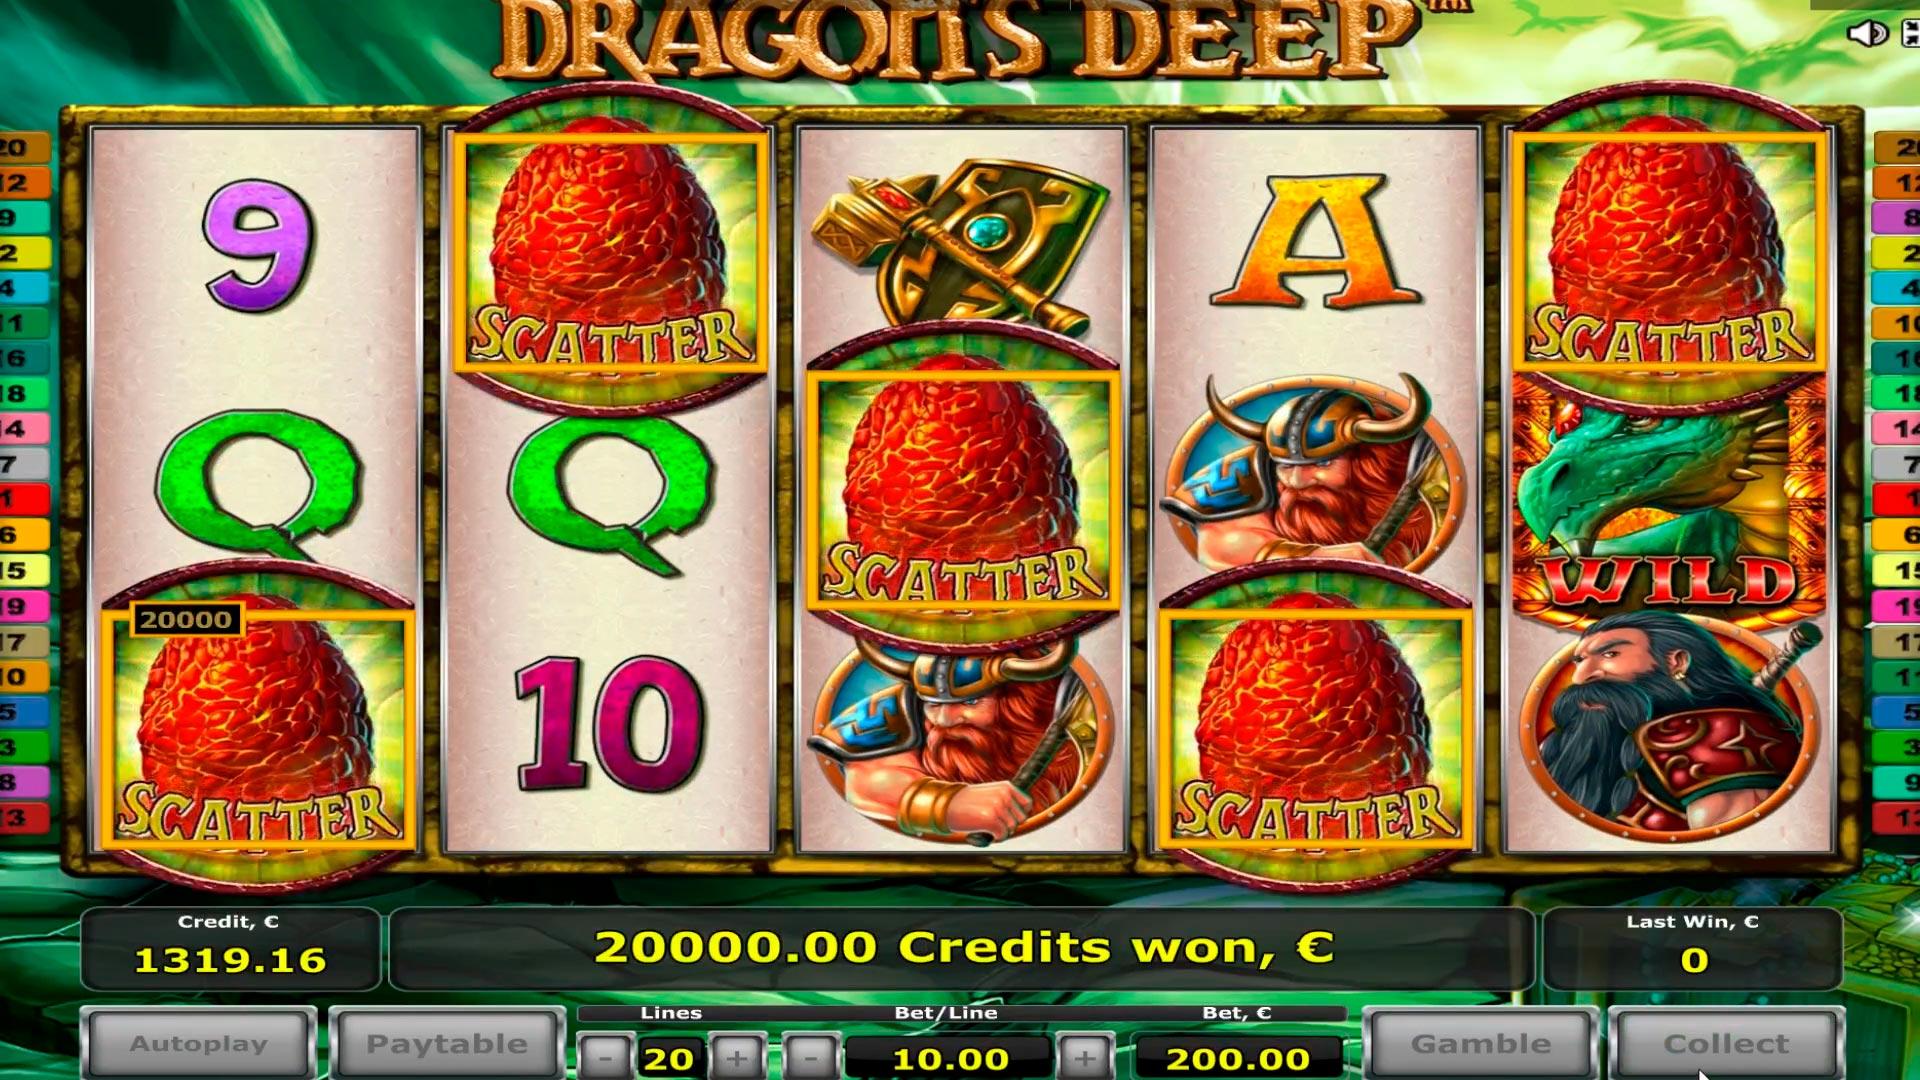 Dragons zurfin gidan wasan kwaikwayo Ramin babban nasara !!! 5 watsawa !!! Yi nasara da 40.000!